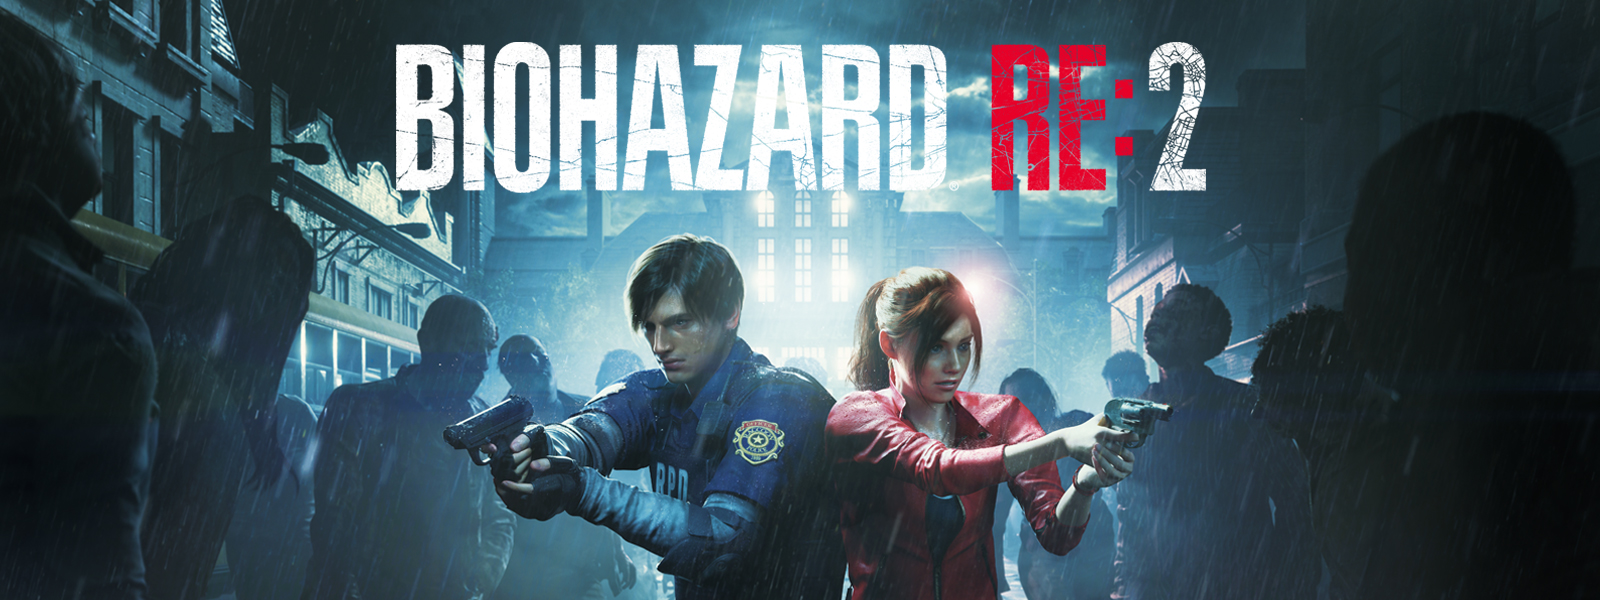 バイオハザード RE:2、 レオン・ケネディとクレア・レッドフィールドが身を寄せ合い、周囲をさまようゾンビに銃を構える